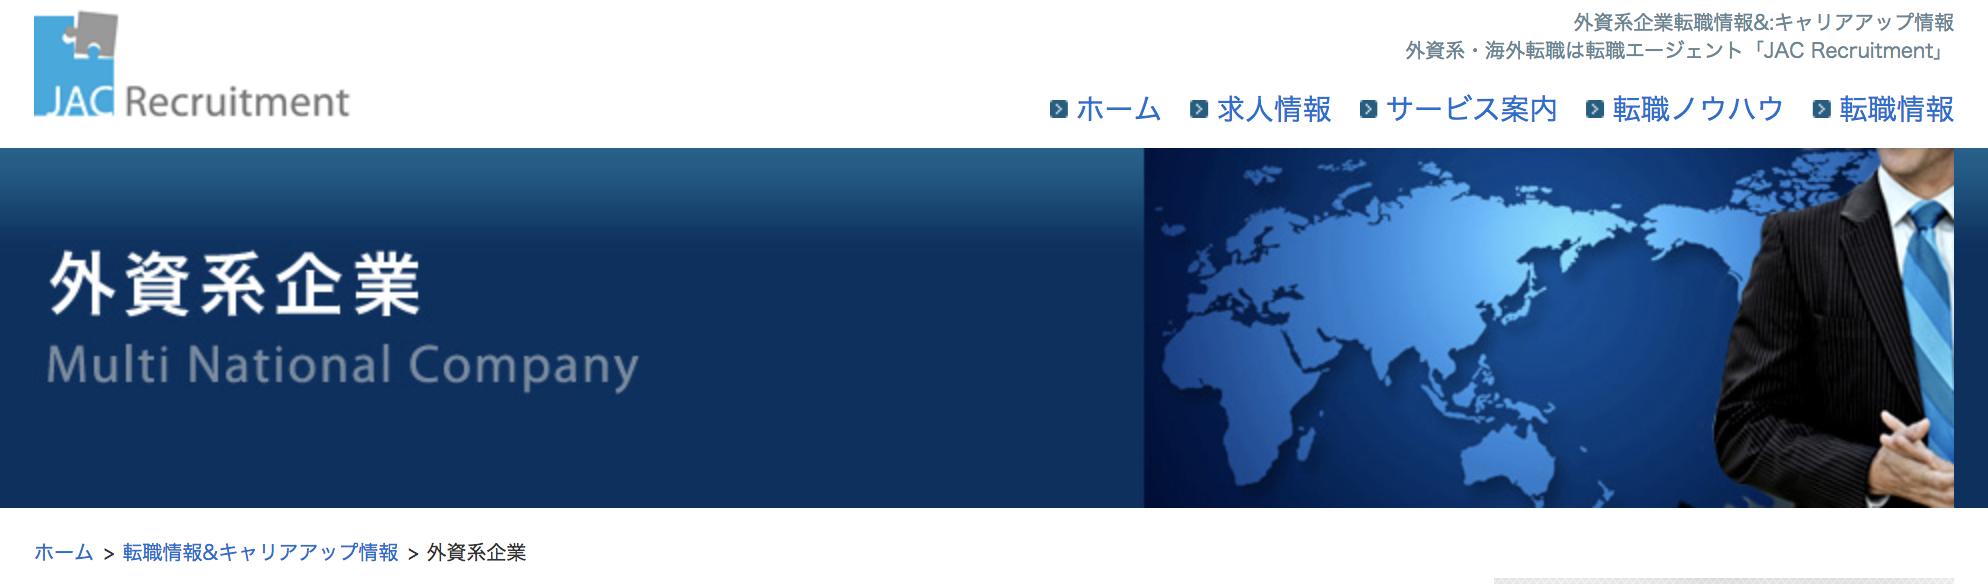 JACリクルートメントのガイア畏敬企業への転職専用ページ